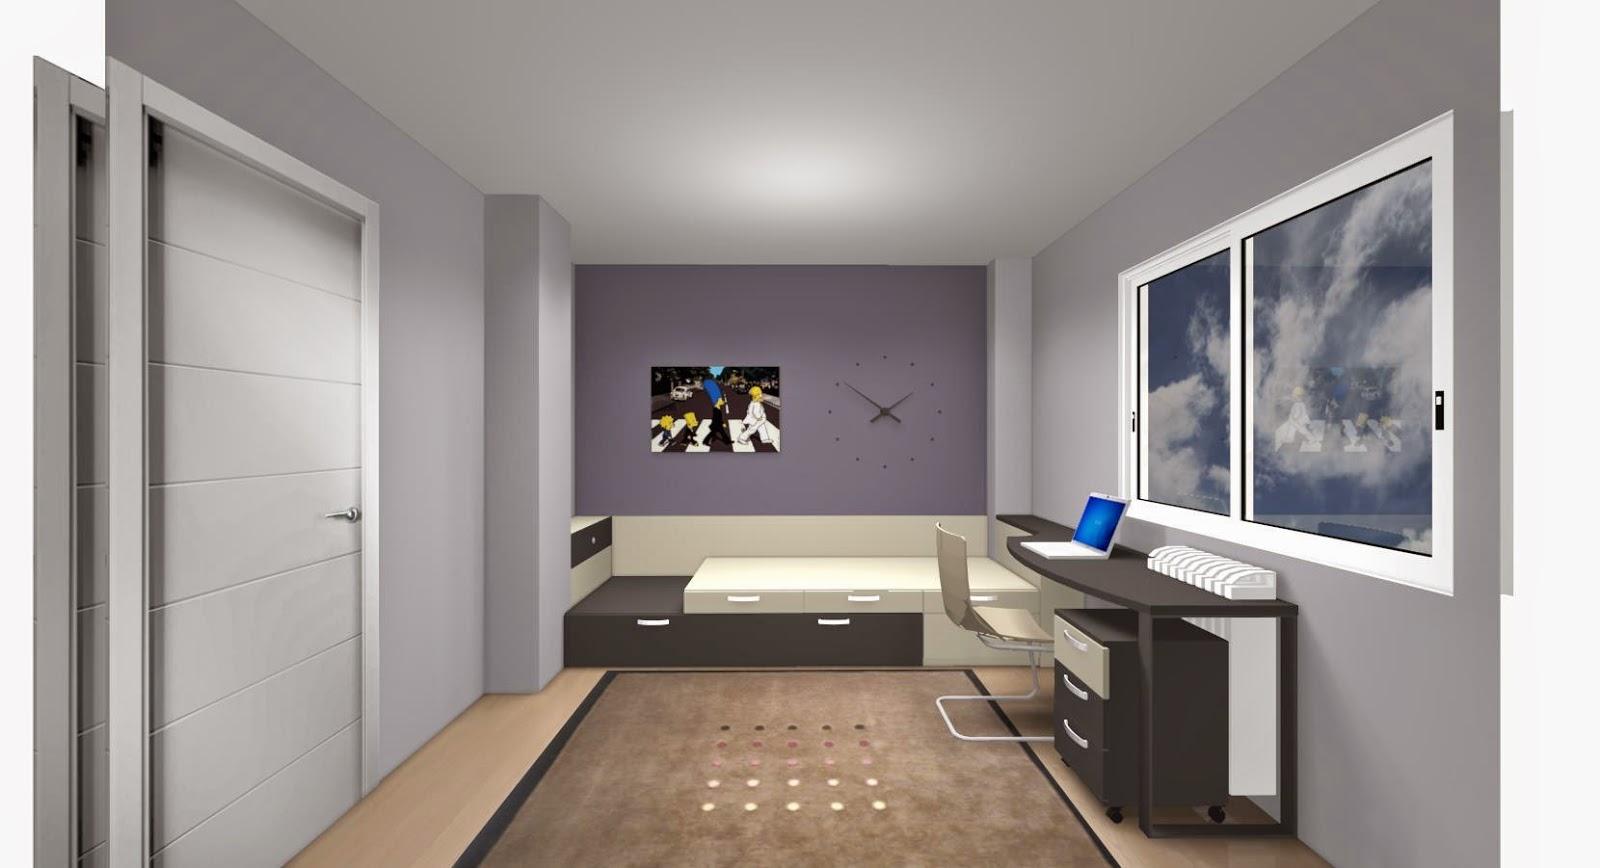 Una vez hemos acoplado la cama seguiremos el amueblamiento - Distribucion habitacion juvenil ...